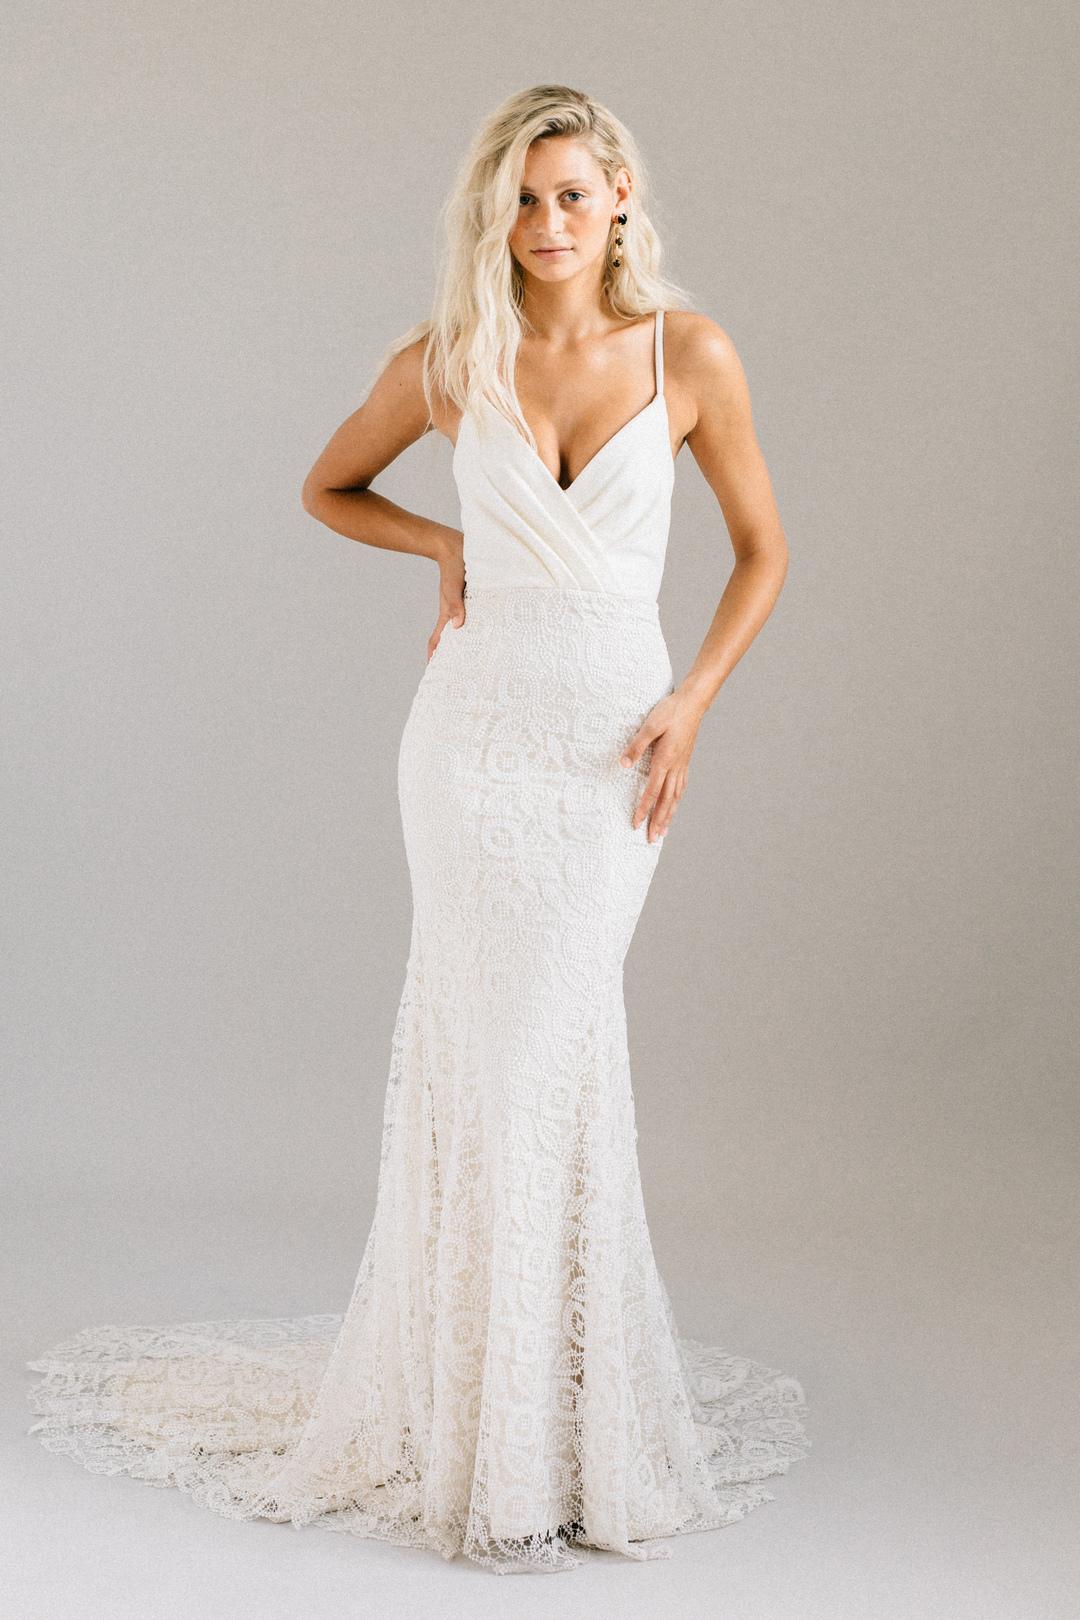 corta dress photo